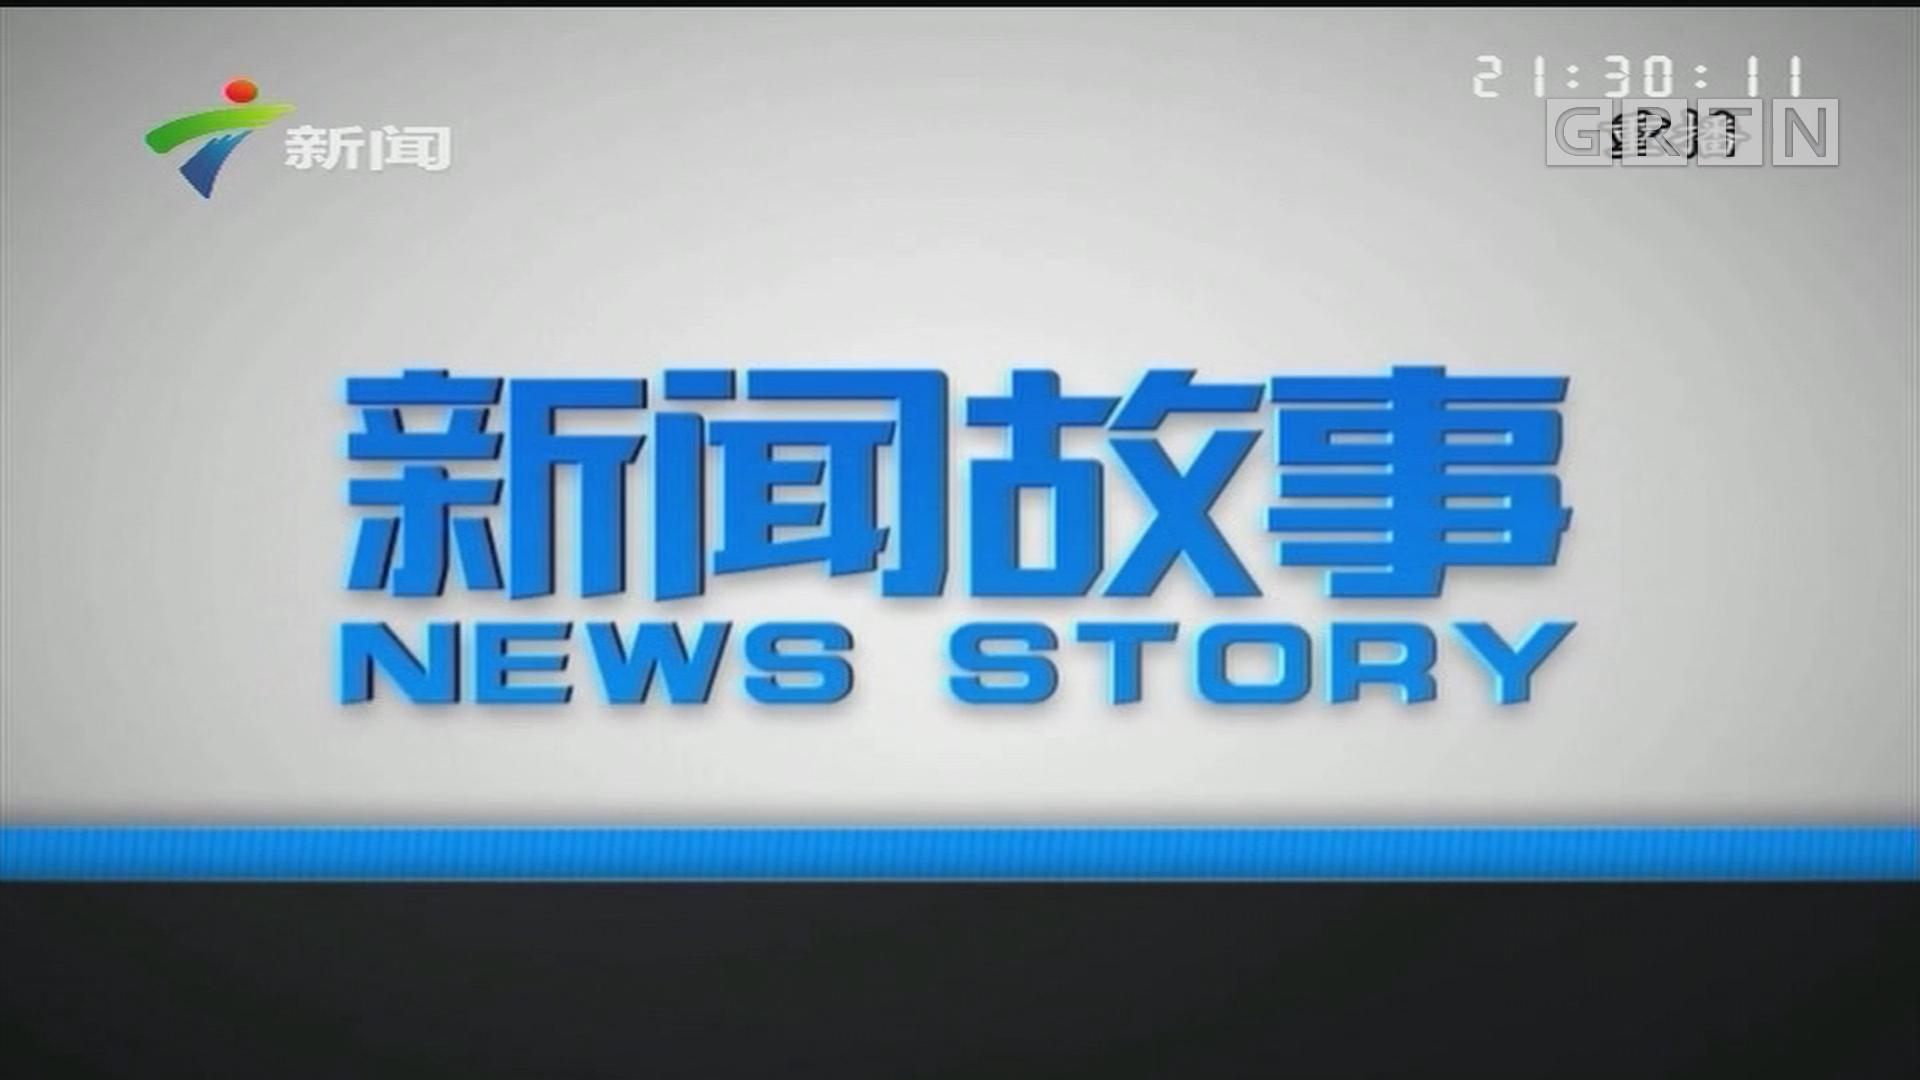 [HD][2019-08-29]新聞故事:仿真槍的罪與罰